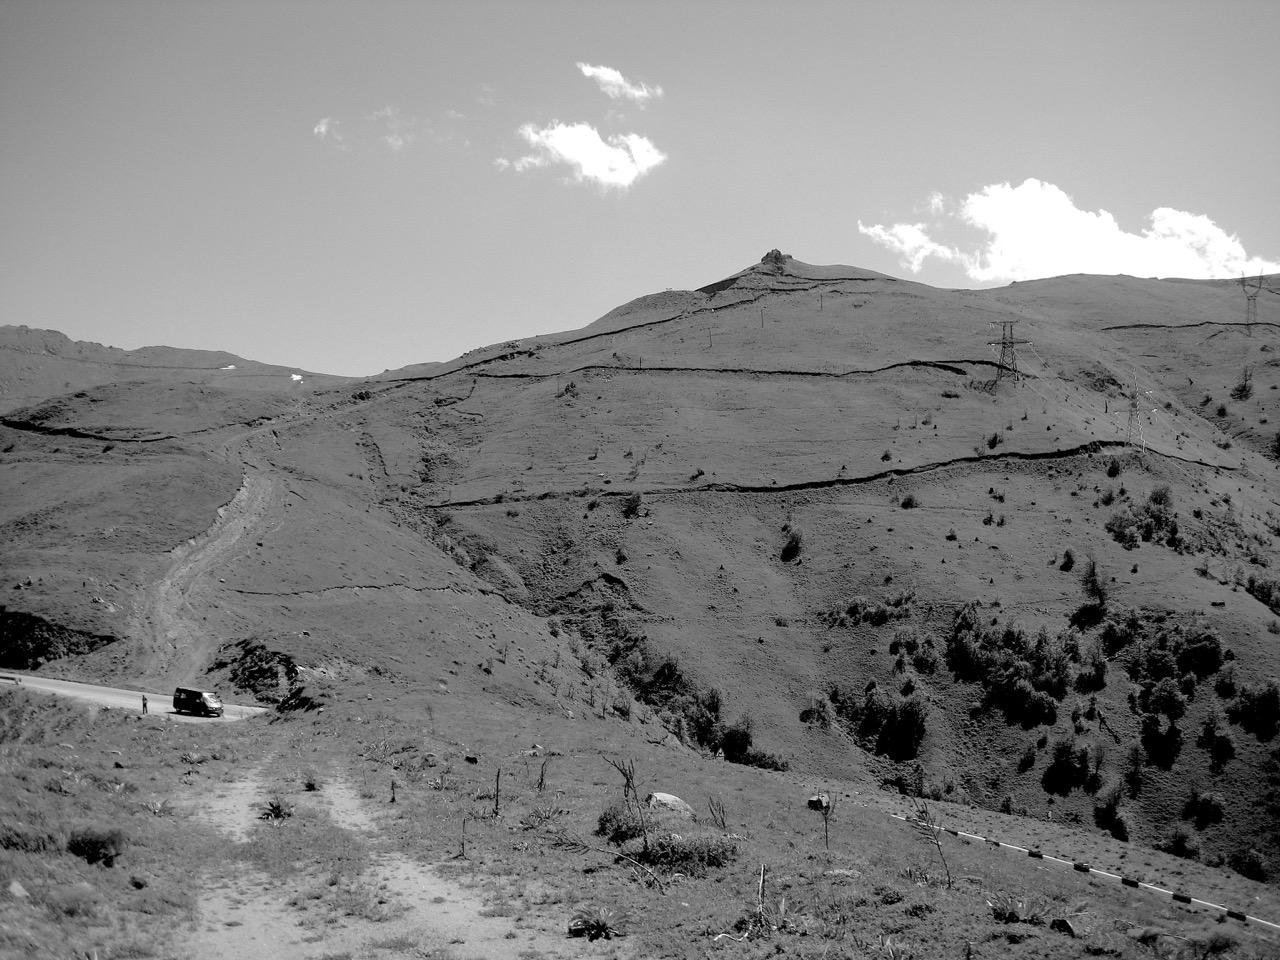 Foto: Meghri-Pass. Aus: Eriwan. Kapitel 4. Aufzeichnungen aus Armenien von Marc Degens.